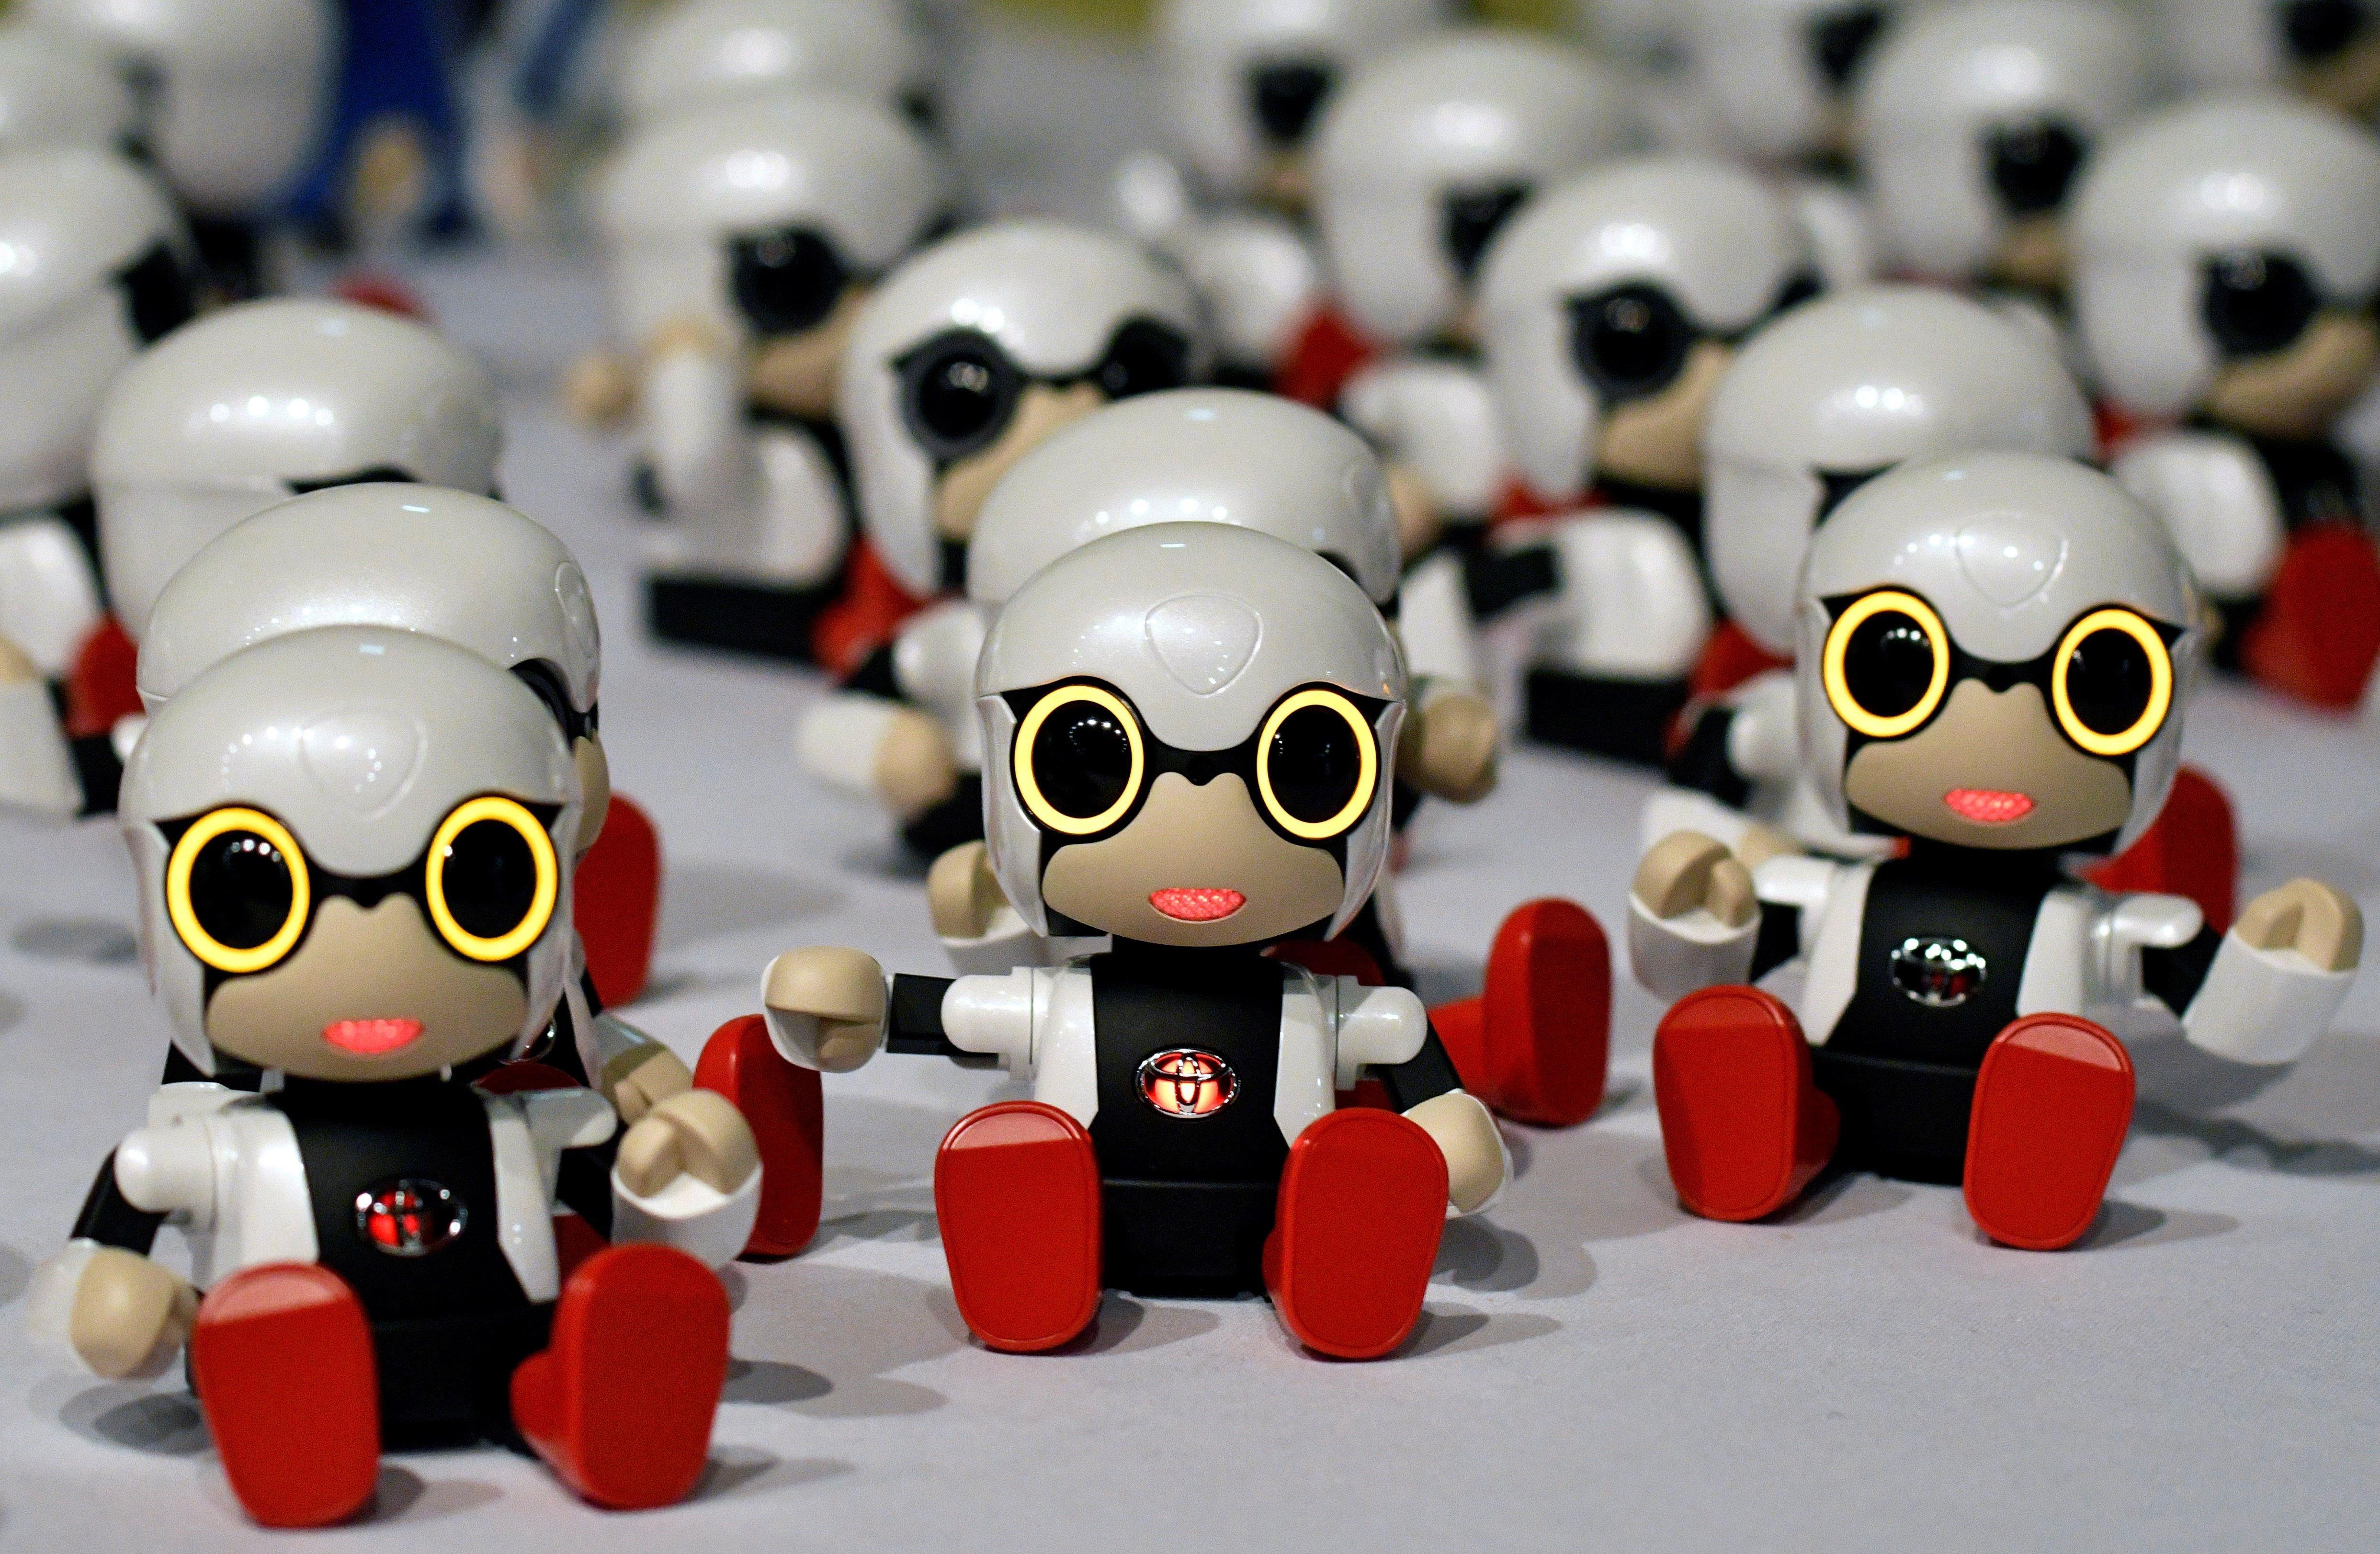 Toyota llança un mini robot capaç de reaccionar a les emocions de l'amo. /FRANCK ROBICHON